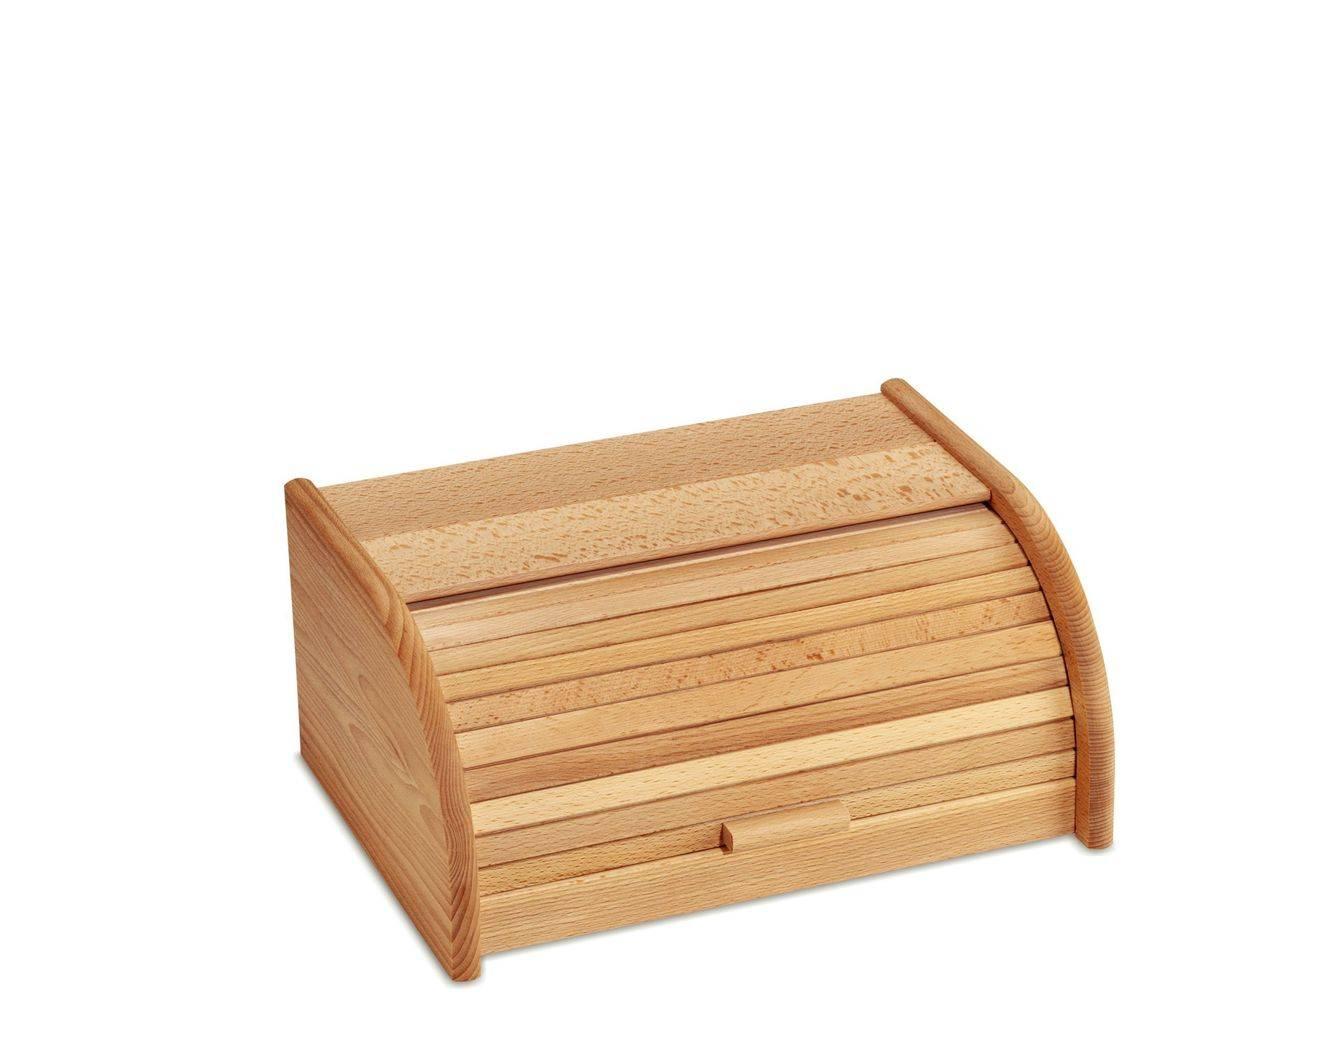 Dřevěný chlebník 39.5 x 30 x 17.5 cm - Kela